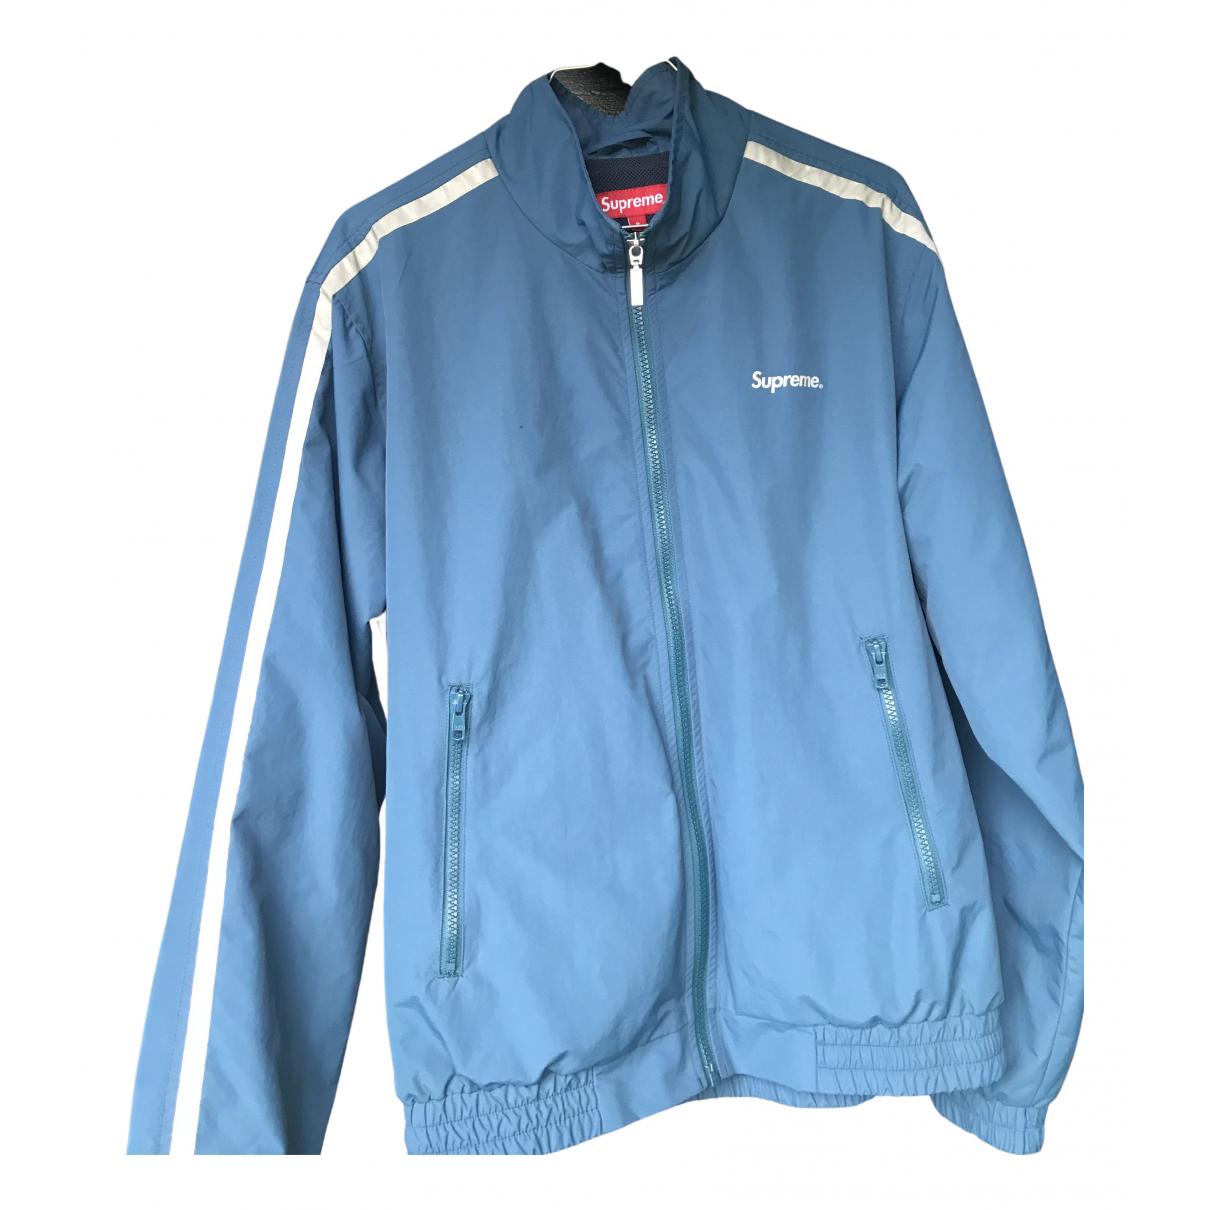 Supreme \N Jacke in  Blau Polyester